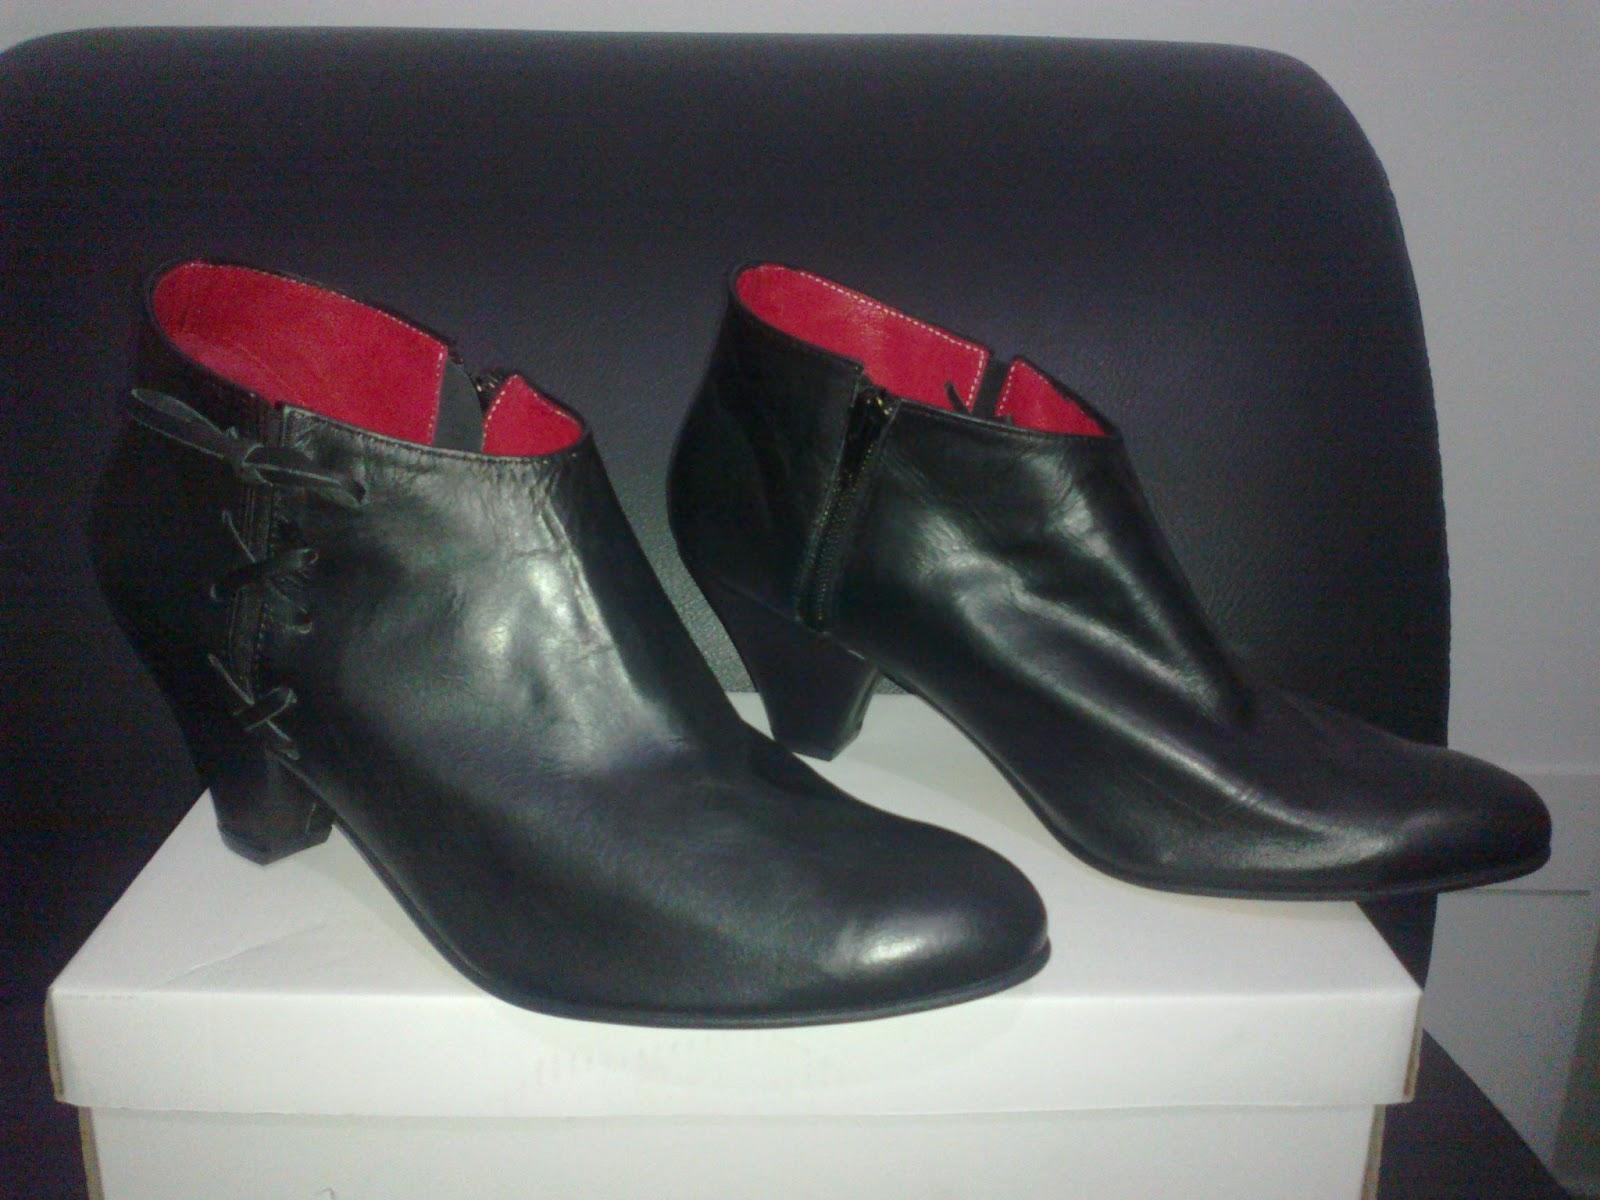 imagenes de zapatos de dama - Calzado Femenino Comprá Ahora con Envío Gratis Dafiti